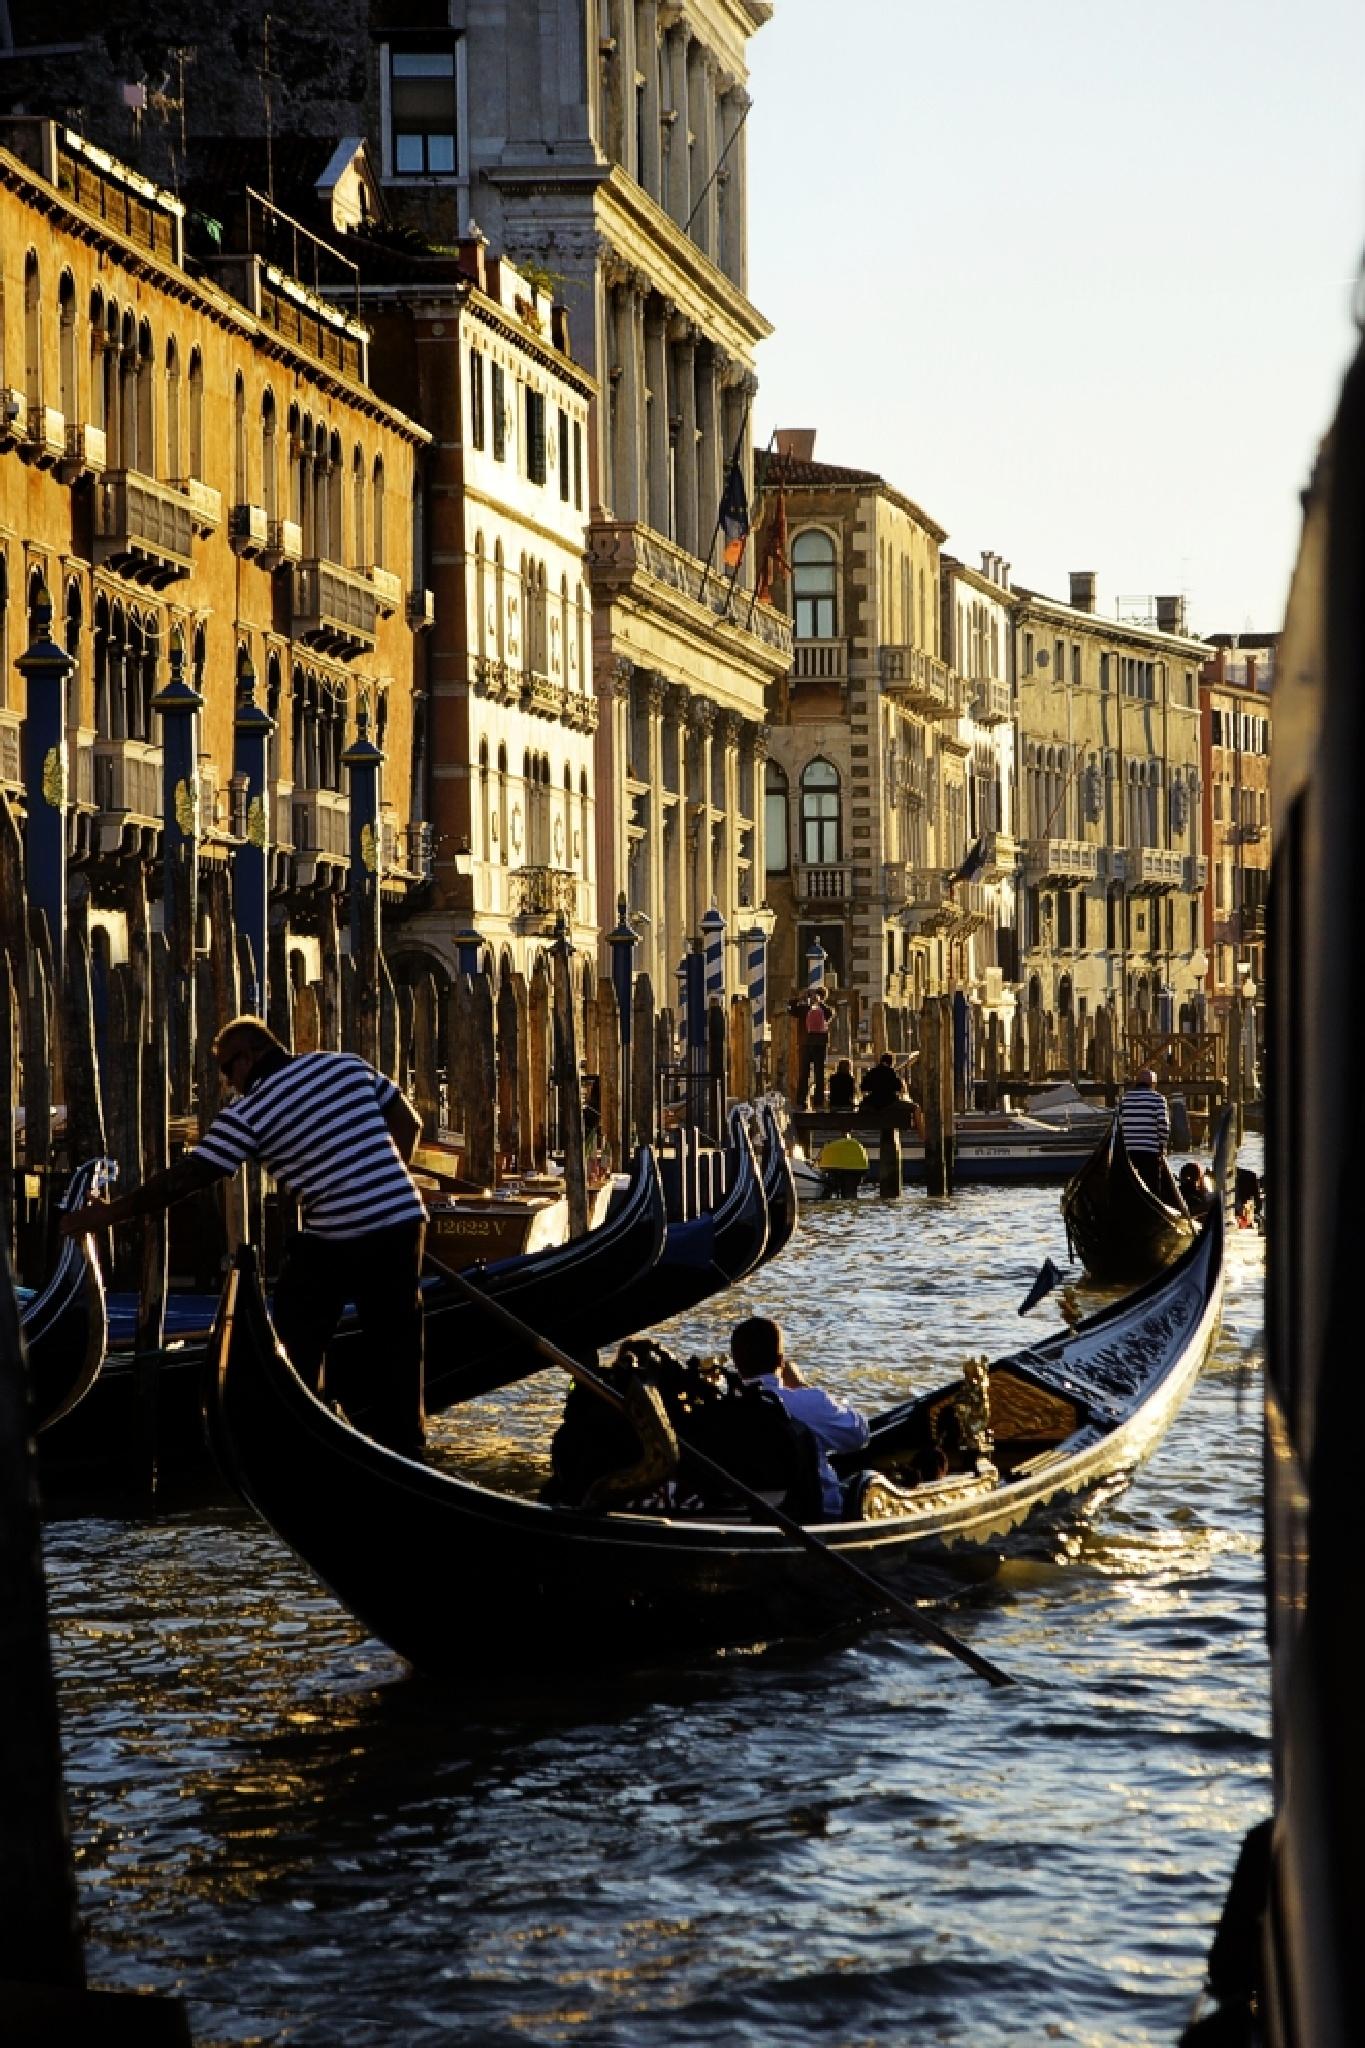 A boat station in Venice by Edu Vergara